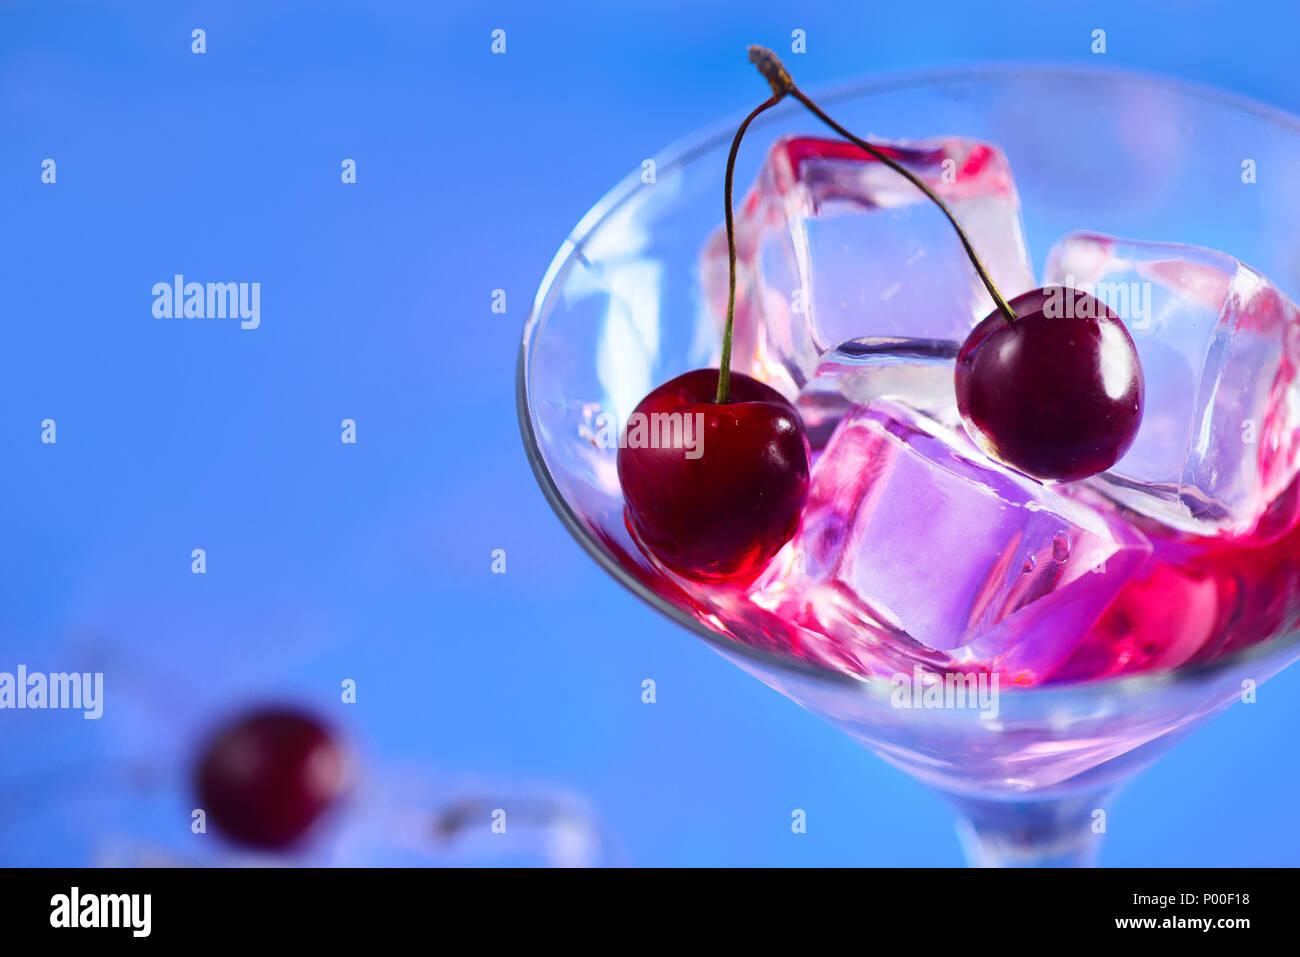 Ciliegie Cocktail di close-up. Coppetta Martini con cubetti di ghiaccio e le ciliegie su un brillante sfondo blu con copia spazio. Le calde giornate estive il concetto di ristoro Immagini Stock